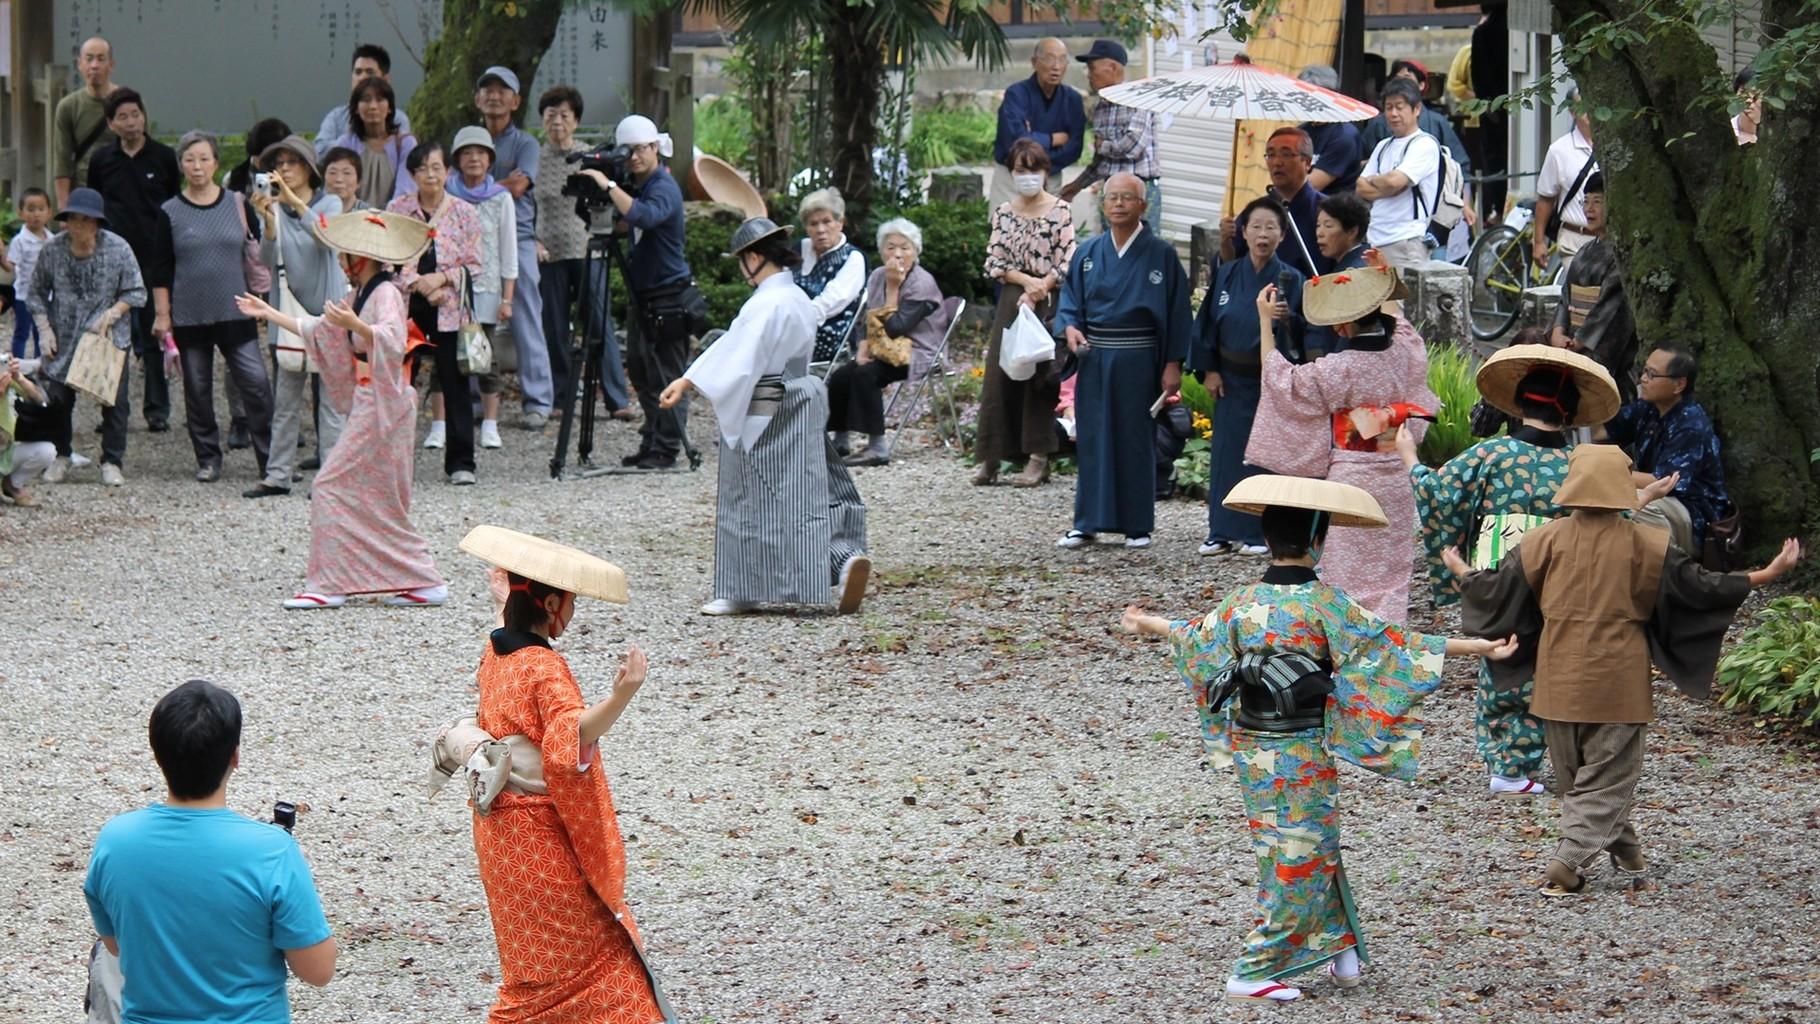 宿場町の雰囲気をより味わえる 福井県無形文化財 羽根曽踊り